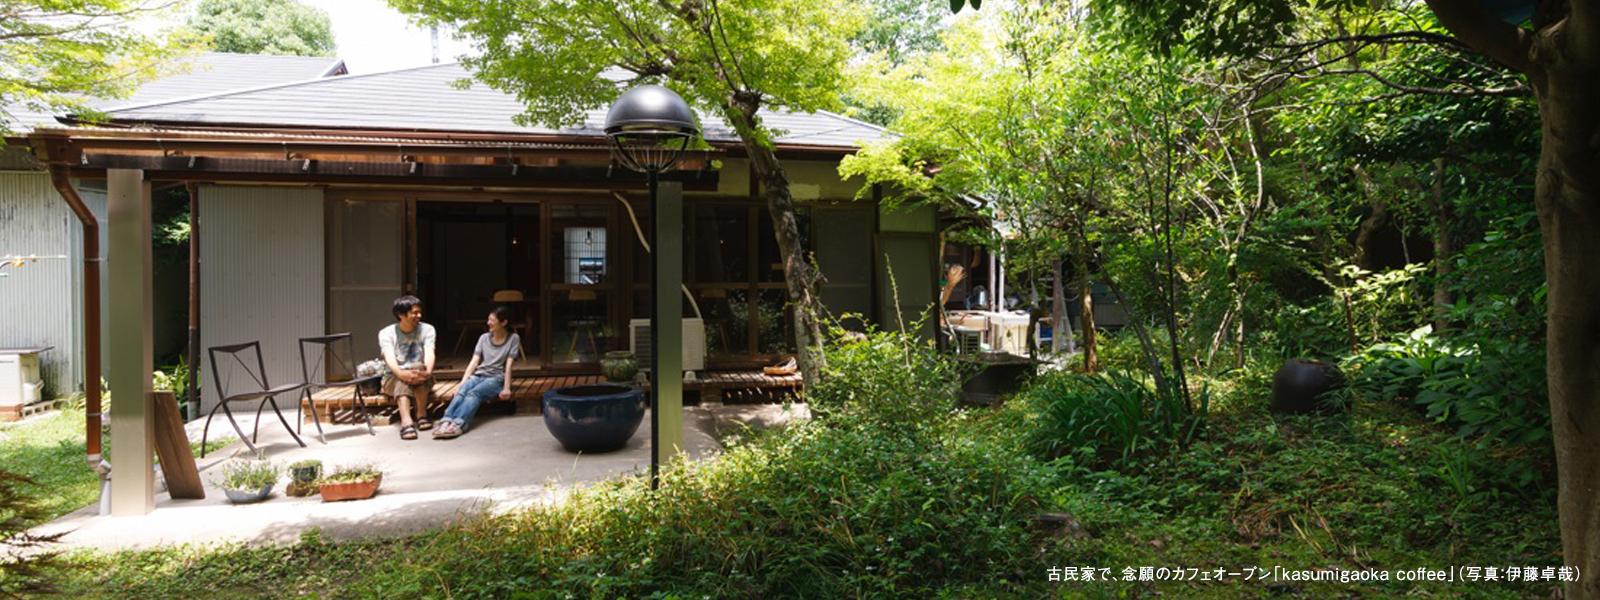 古民家で、念願のカフェオープン「kasumigaoka coffee」(写真:伊藤卓哉)